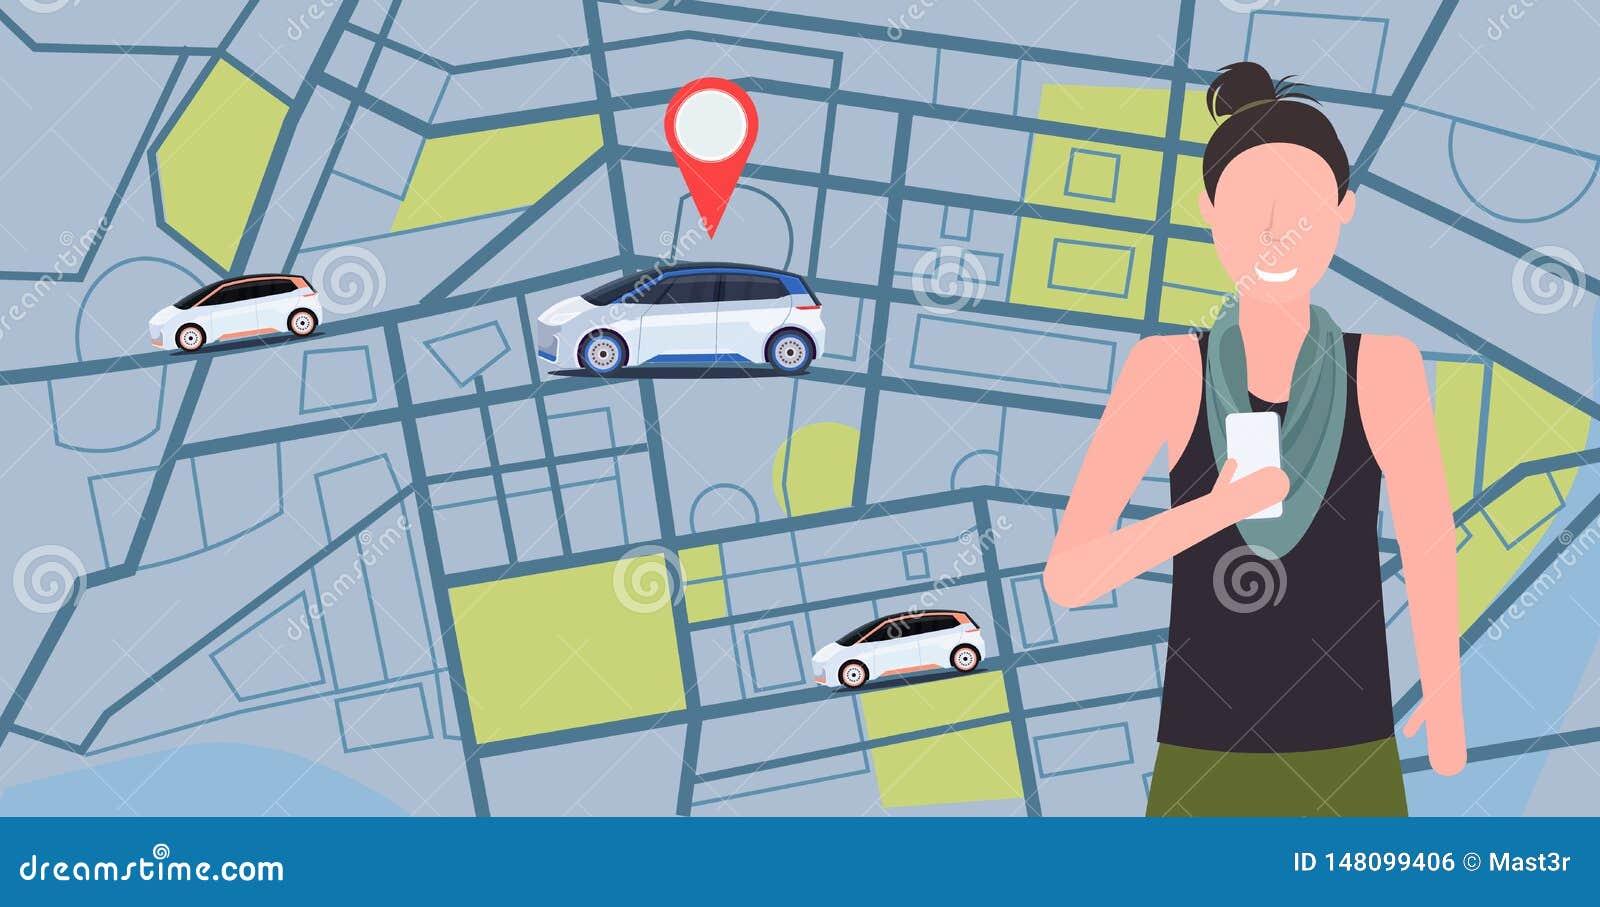 Vrouw die mobiele toepassing gebruiken die tot automobiel voertuig met de huurauto opdracht geven die van het plaatsteken het car